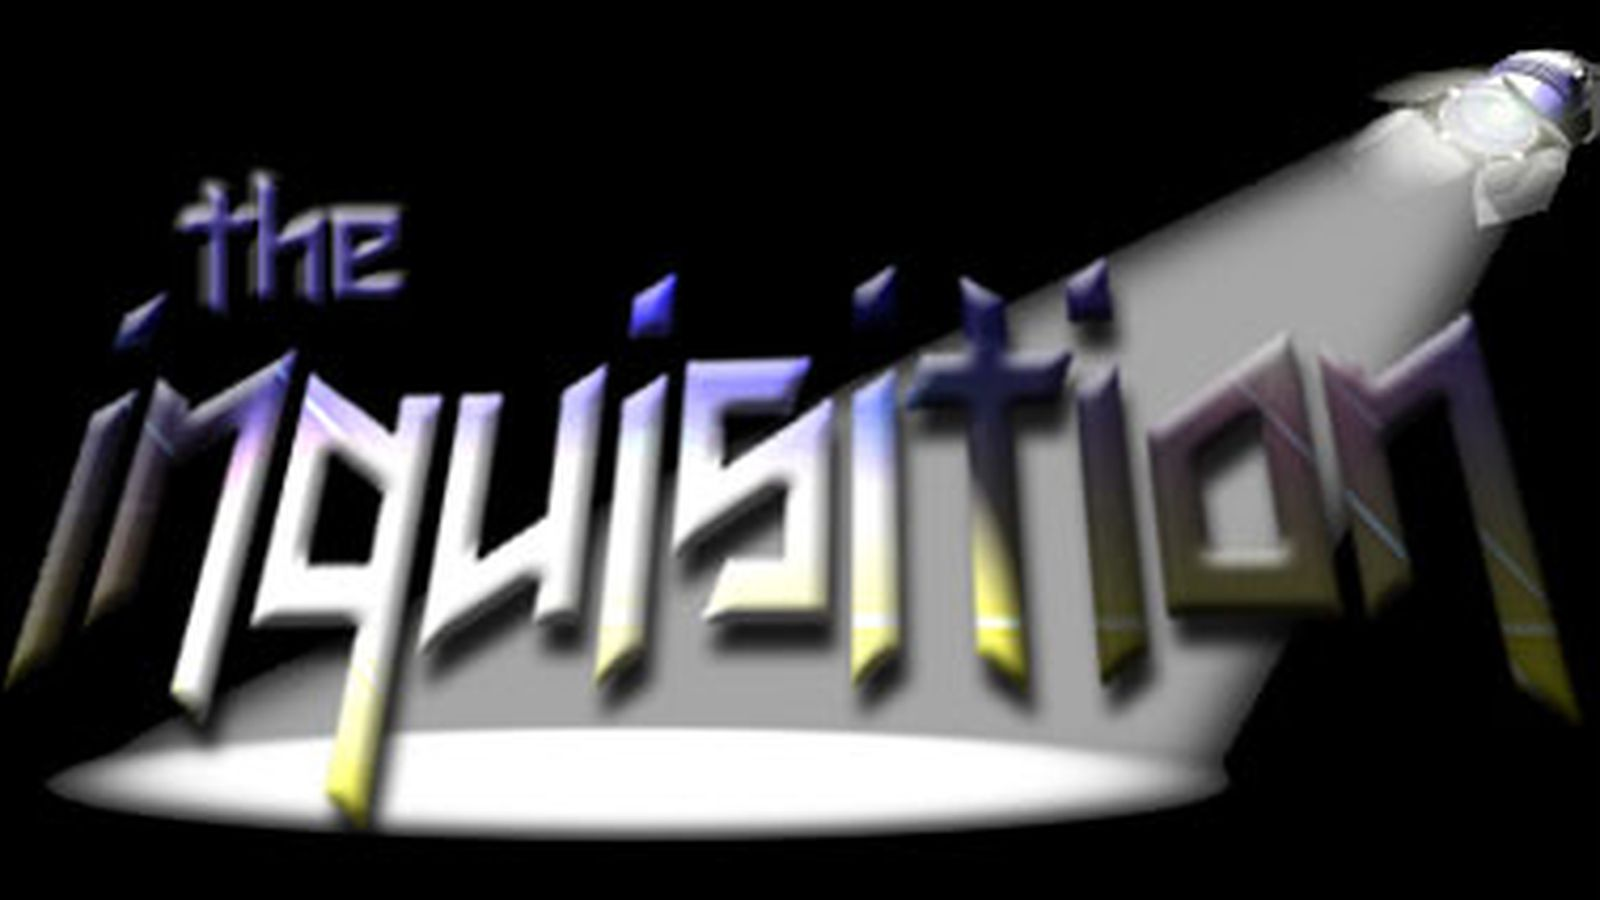 Ae-inquisition3.0